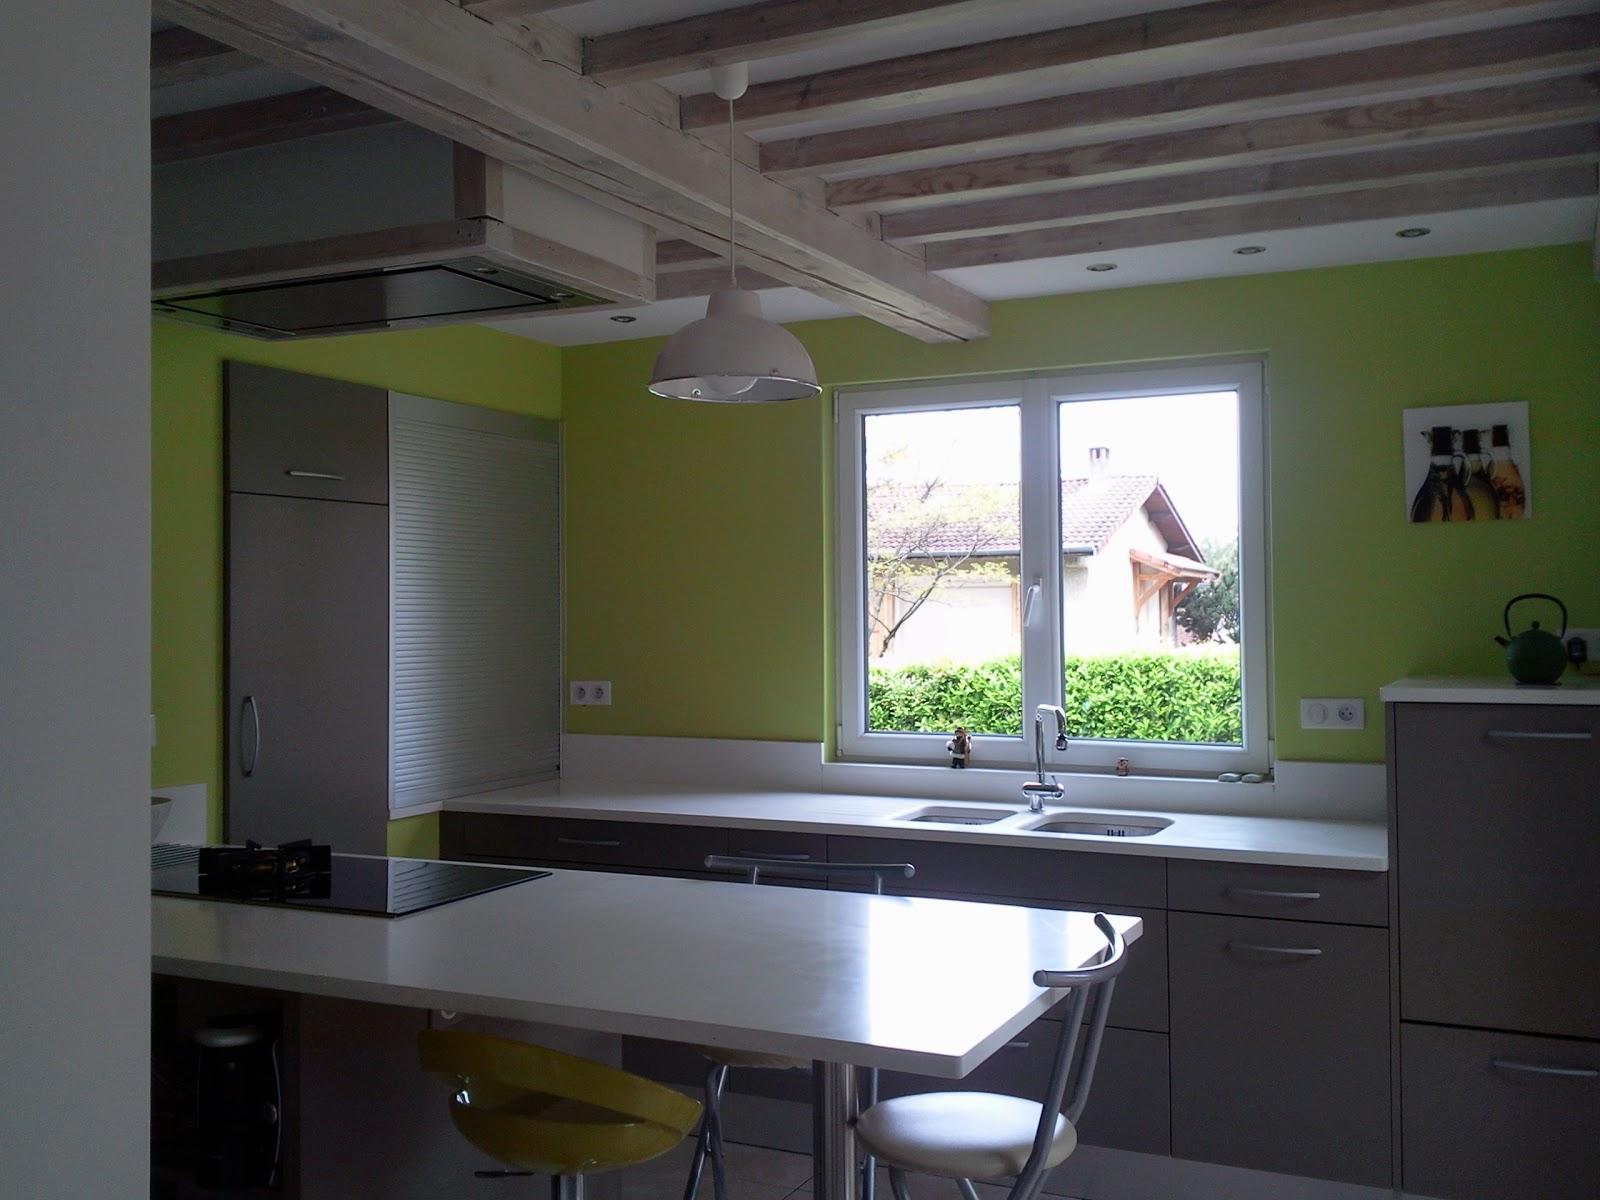 Elina thibaud design d 39 int rieur coaching d coration for Coaching decoration interieur